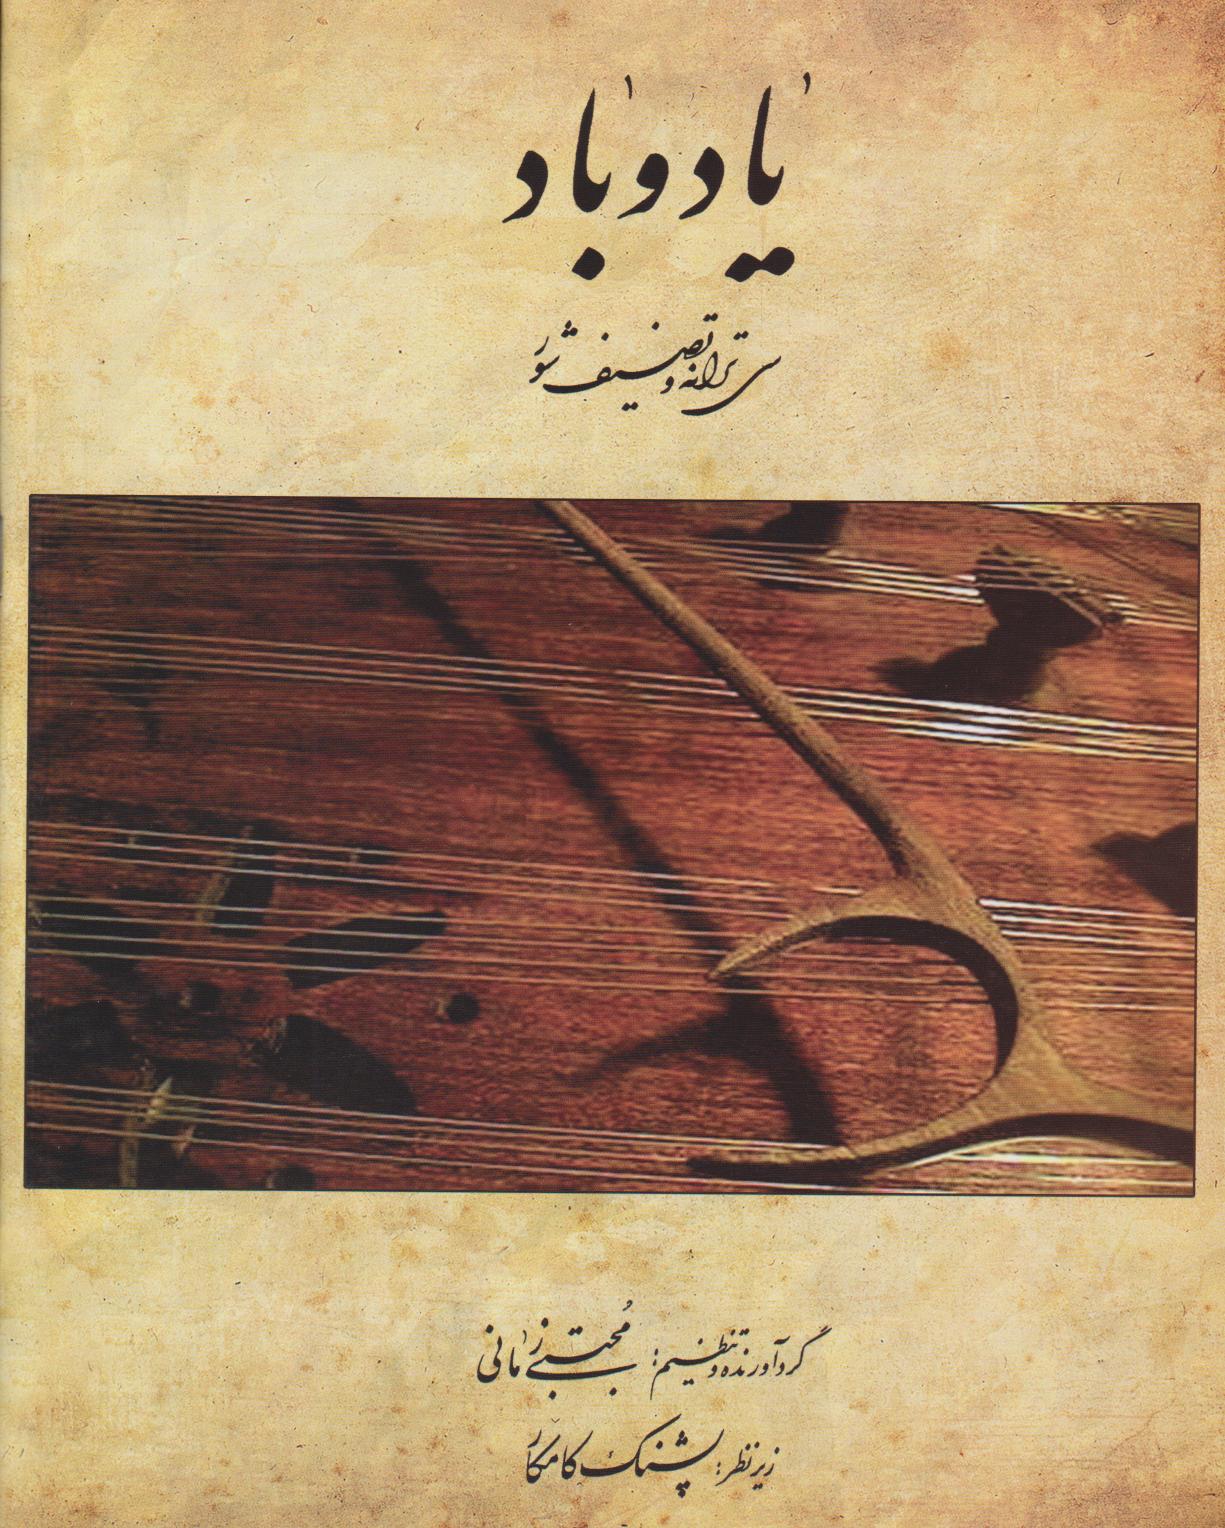 کتاب یاد و باد مجتبی زمانی انتشارات هستان